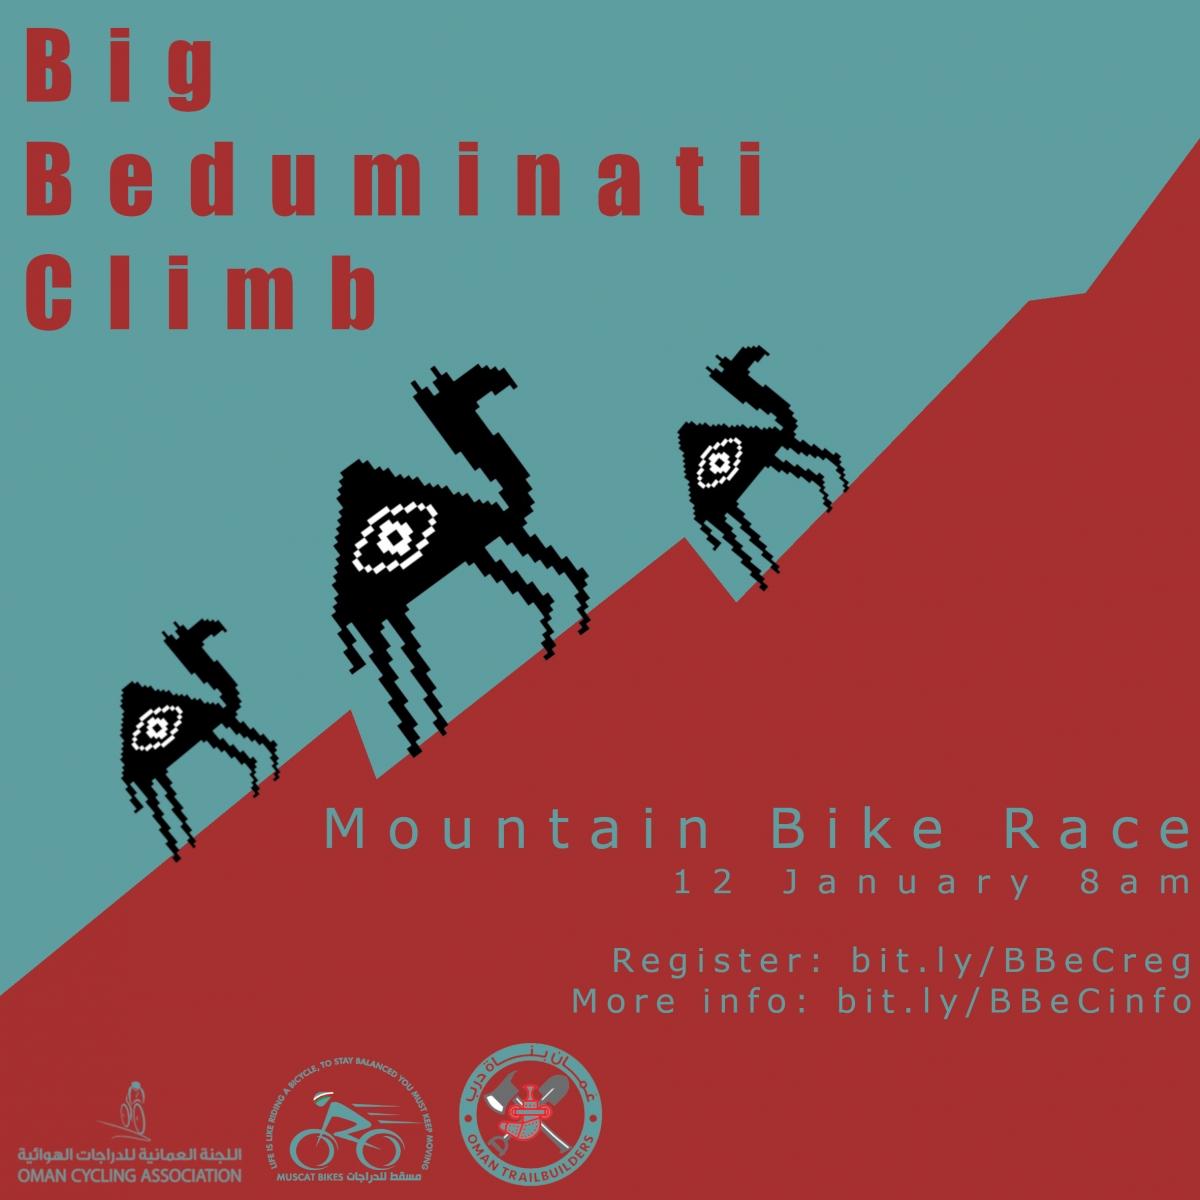 Big Beduminati Climb